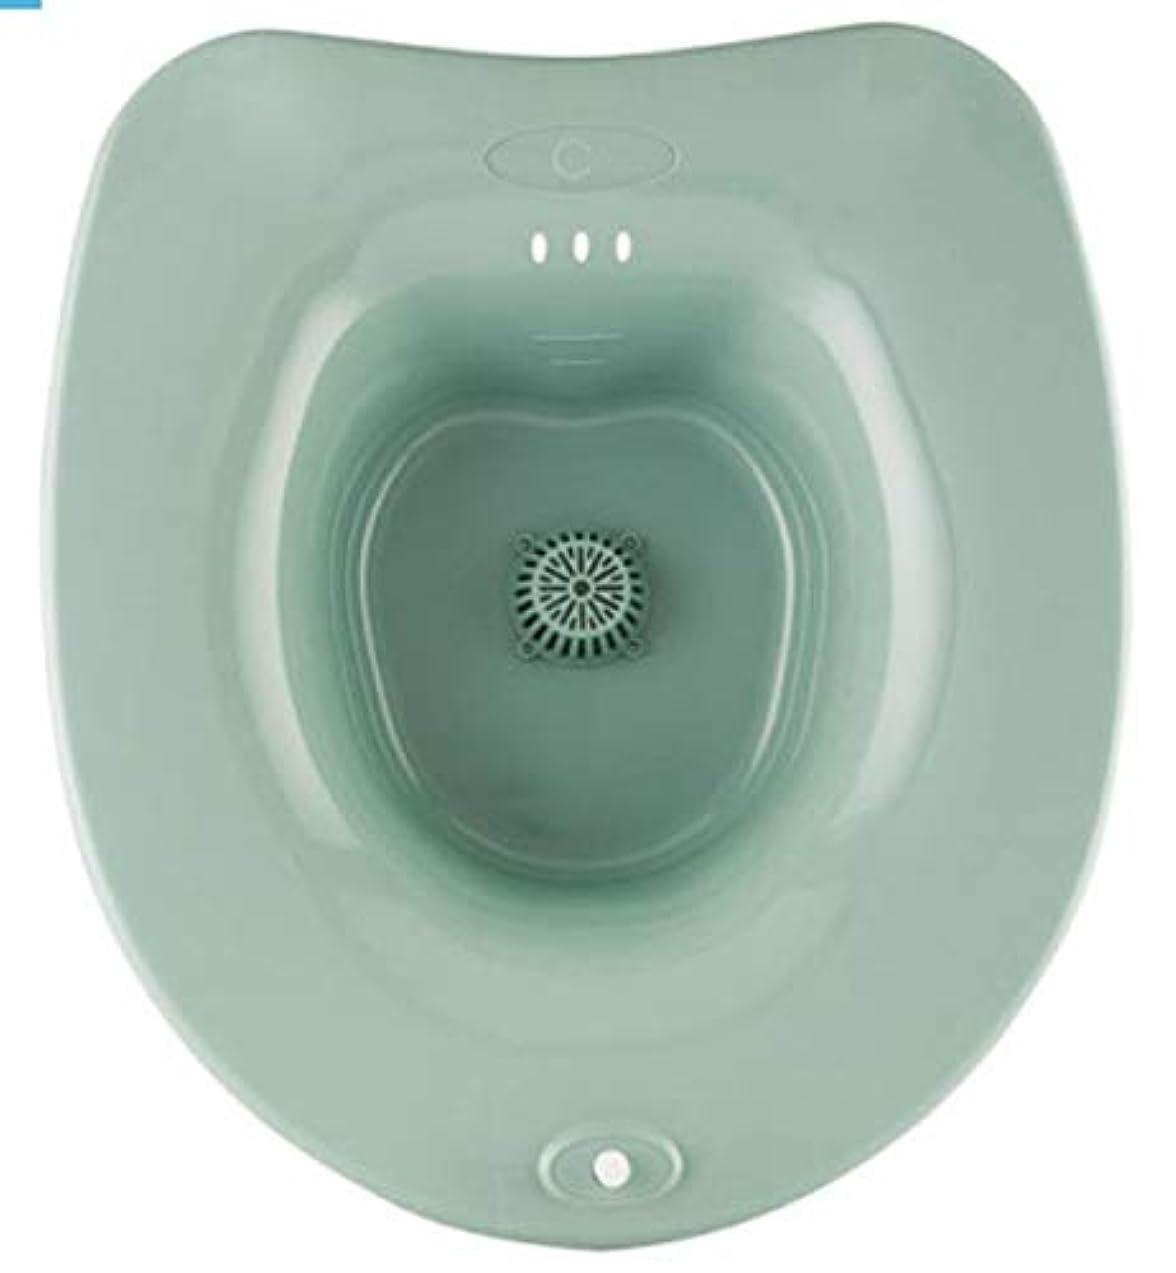 ささいなを通してバースト医師から座浴をお勧められた時、コードレス自動バブルお尻の座浴器、子宮健康、痔の悩み清潔、、、